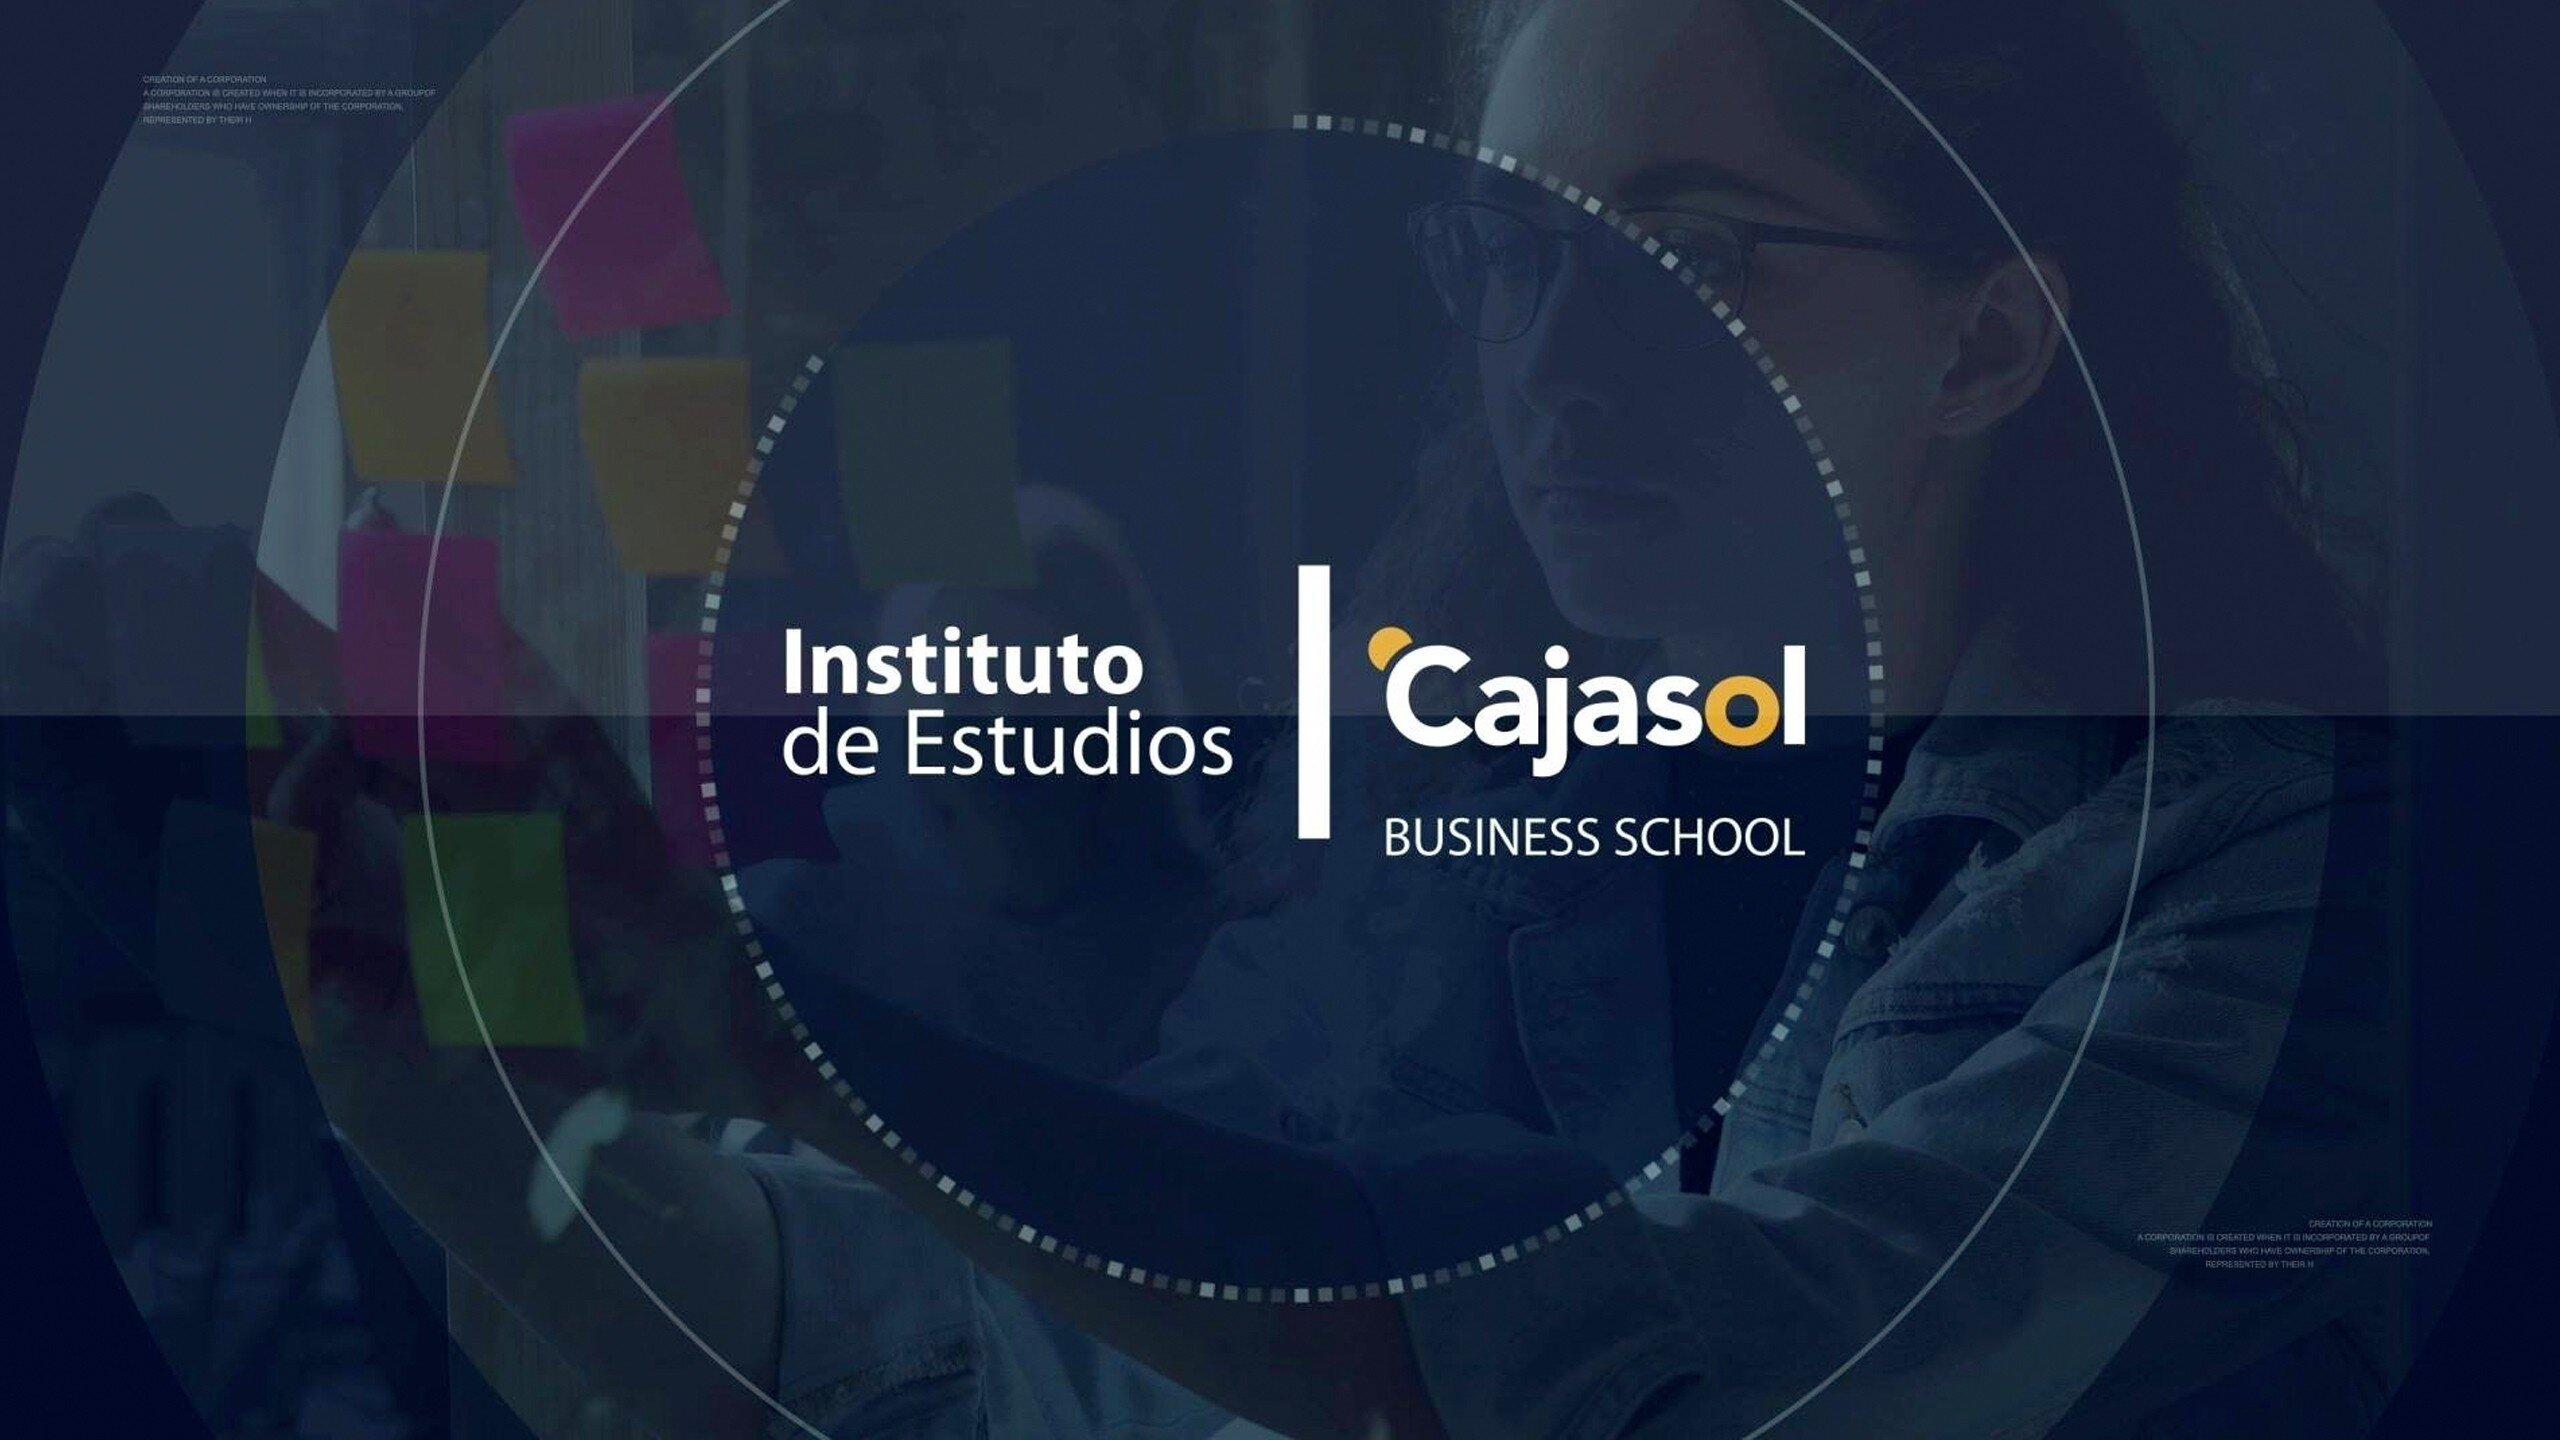 El Instituto de Estudios Cajasol acuerda con la APDM importantes descuentos en su formación para asociados e hijos